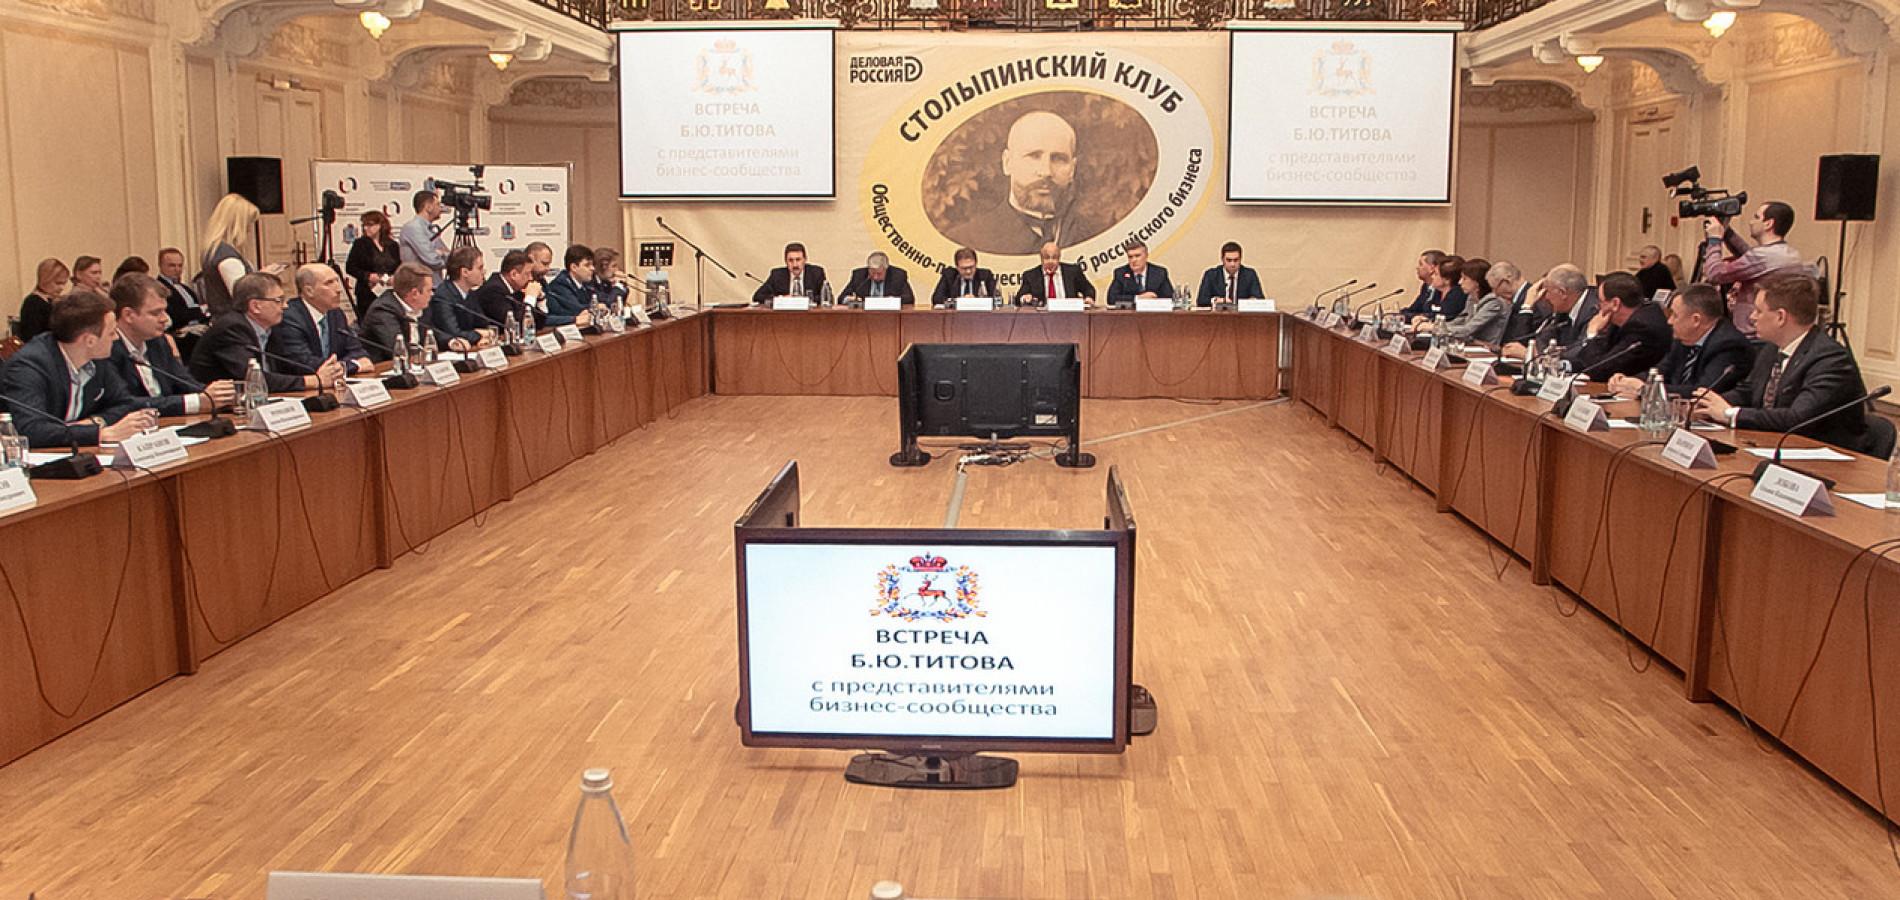 Борис Титов в Нижнем Новгороде: сначала экономика! Это наша главная парадигма